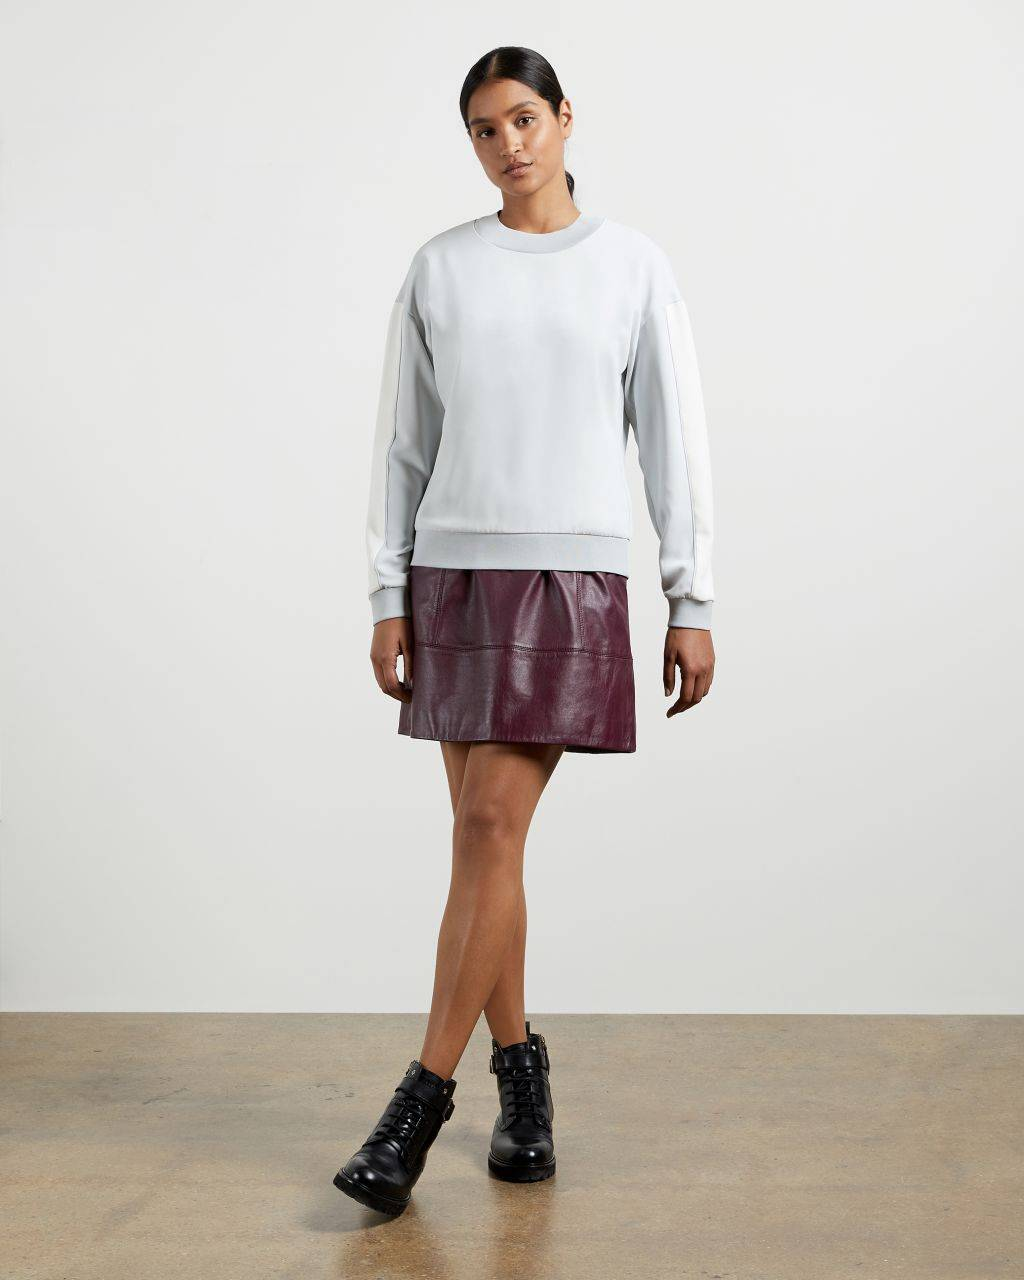 Ted Baker Panelled Sweatshirt  - White - Size:  3 (UK 12)